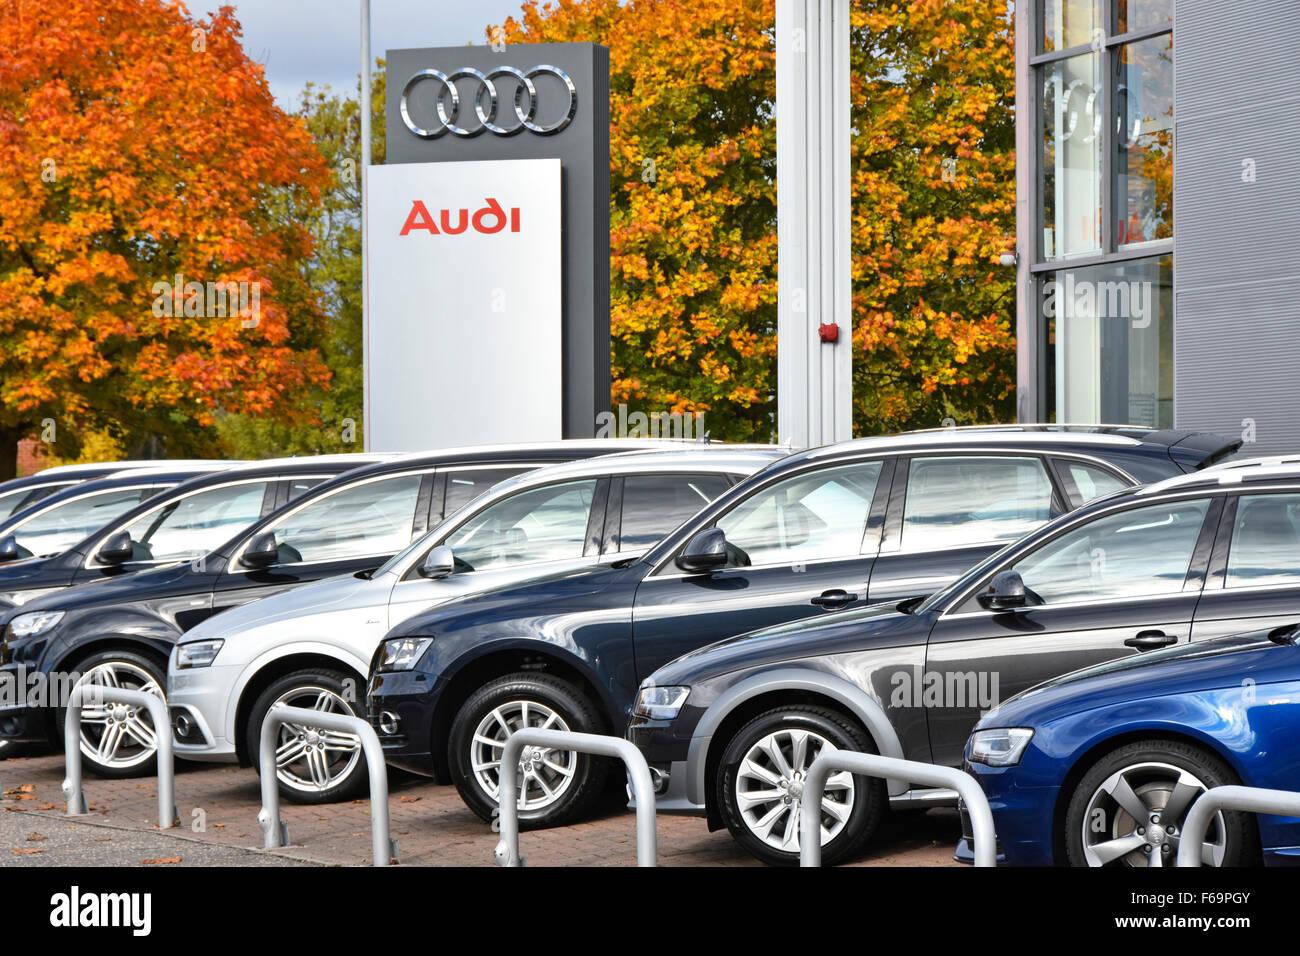 Car Dealership Audi Car Dealer Sign With Cars For Sale Outside Car - Audi car showroom